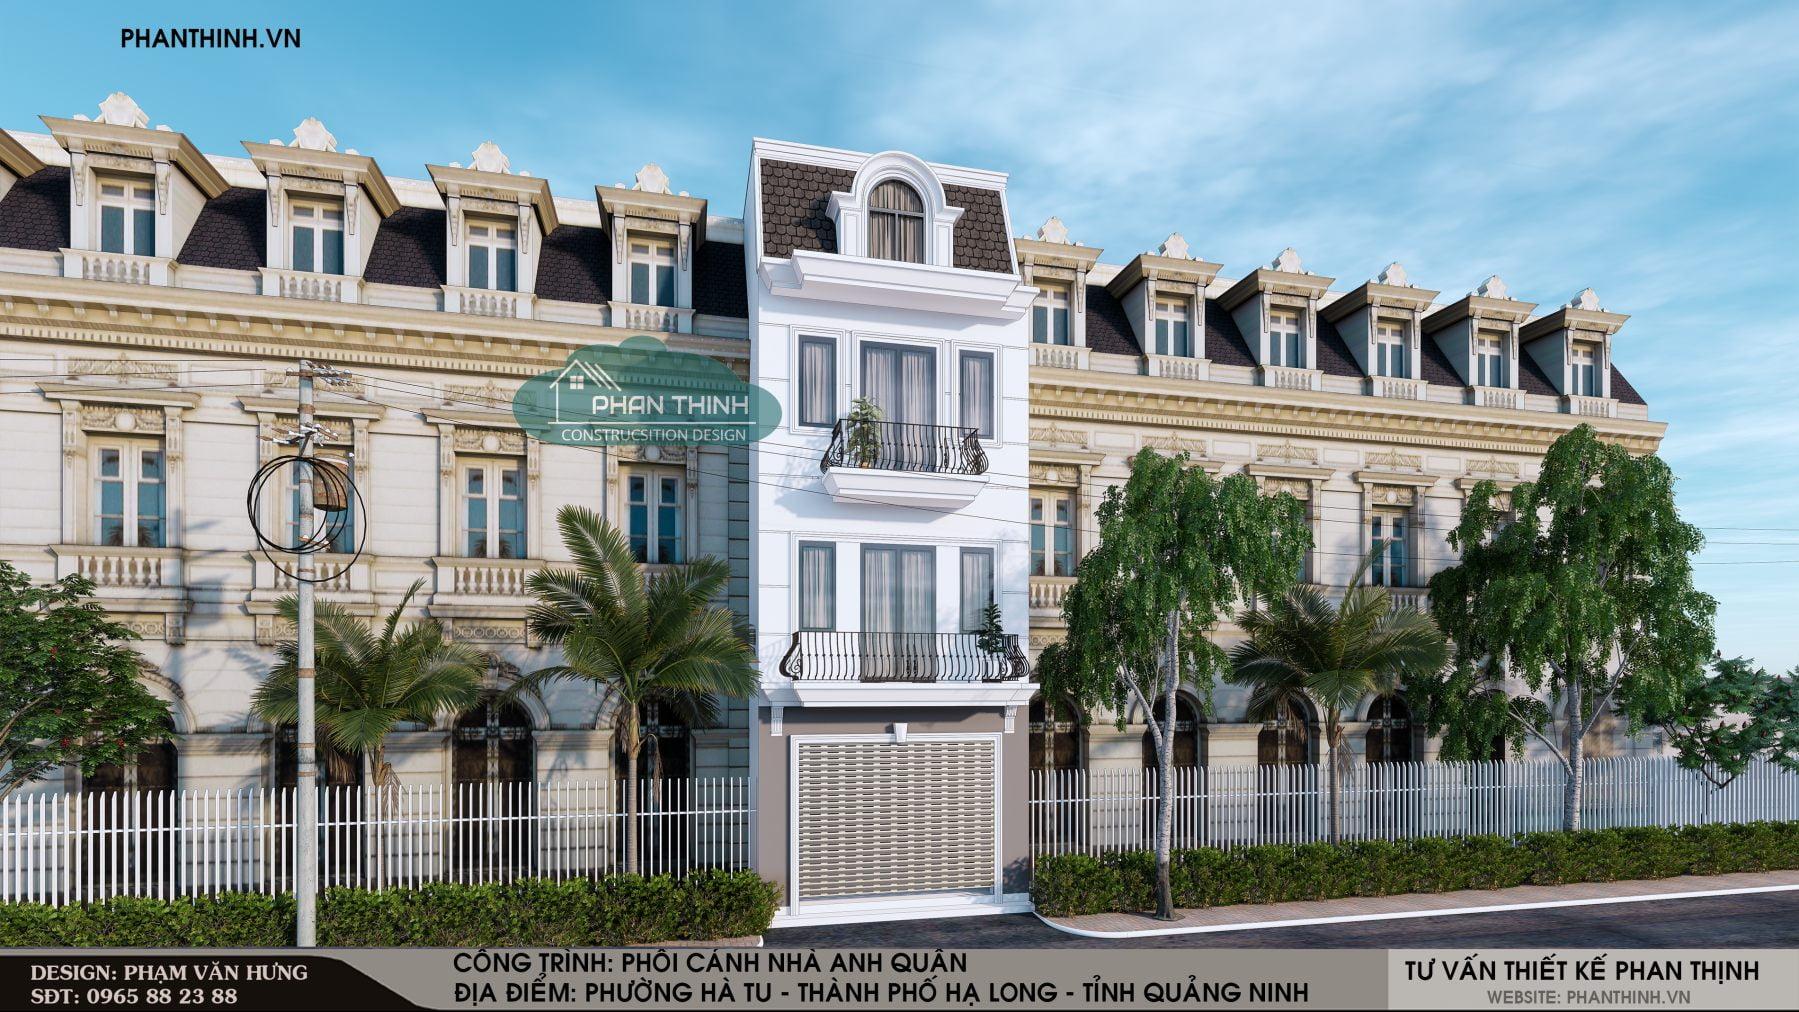 Thiết kế mặt tiền ngôi nhà 3 tầng 1 tum chuẩn bị xây dựng ở Quảng Ninh